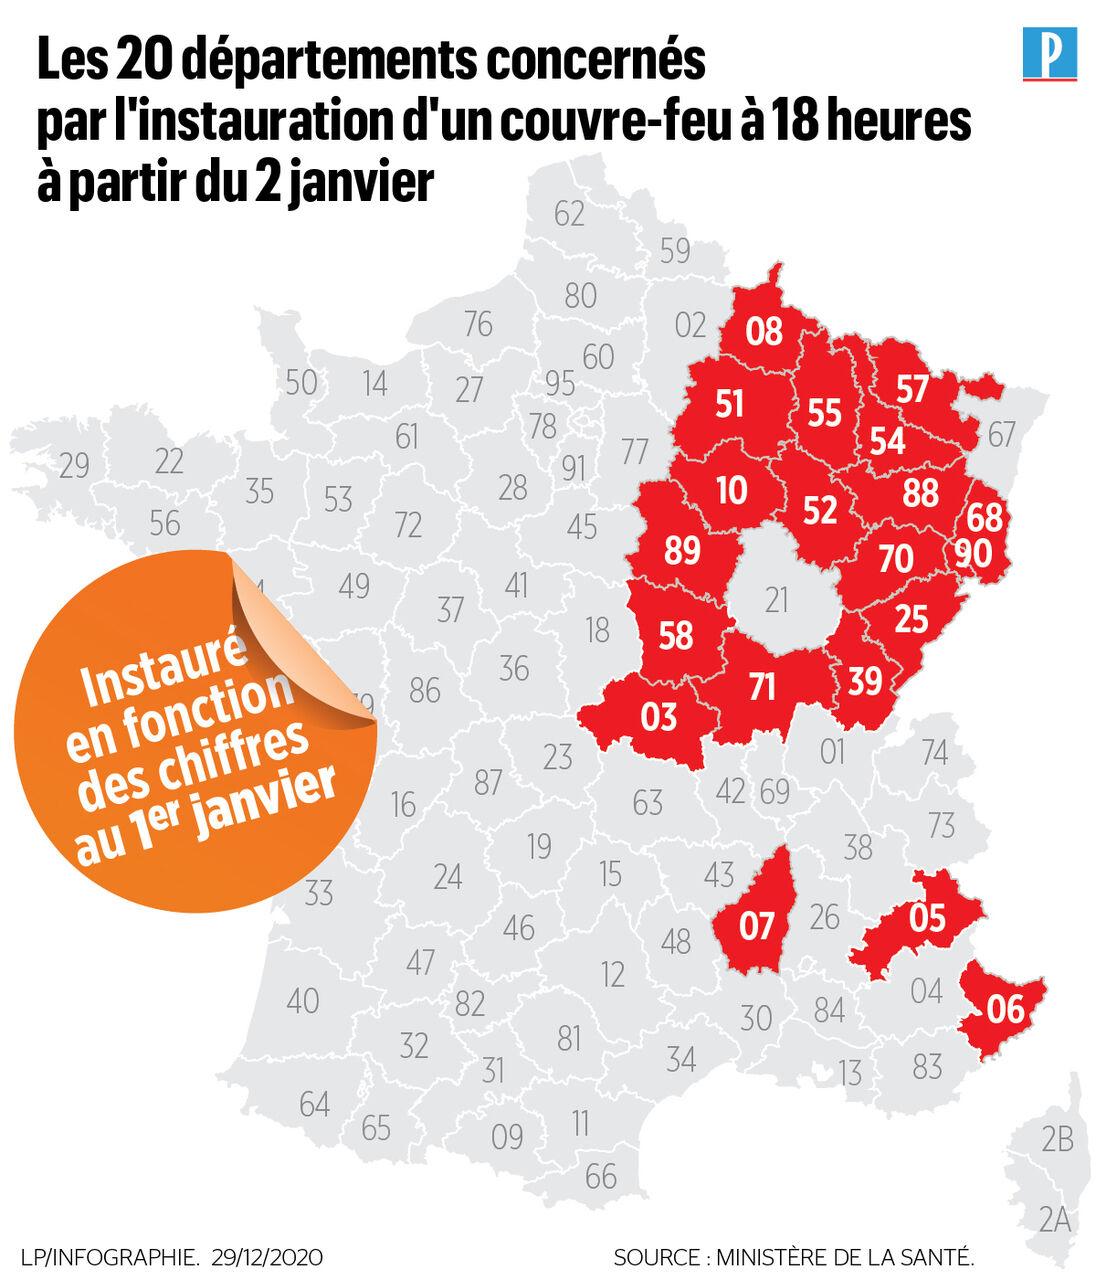 Covid-19 : découvrez la carte des 20 départements où le couvre-feu pourrait être avancé à 18 heures